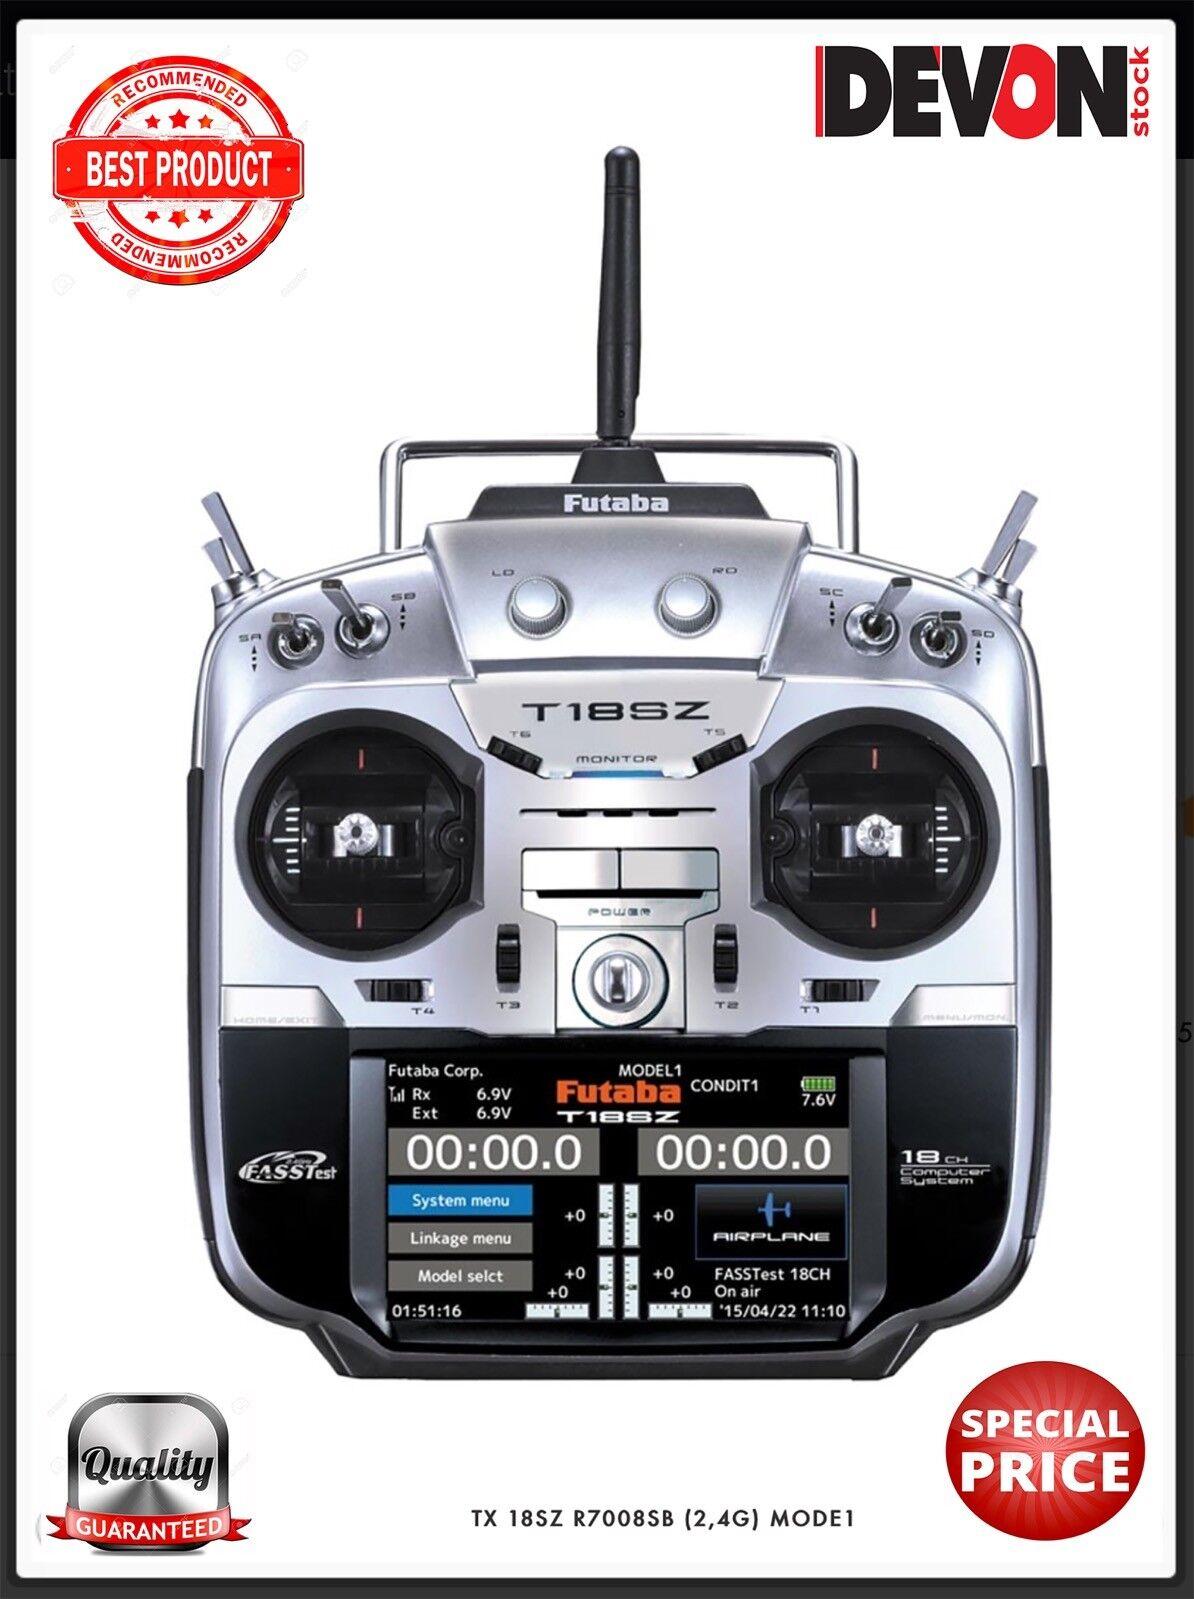 Radiocouomodo rc Futaba 18SZ ricevente R7008SB MODE1 Elicottero  Elettrico radio  risparmia il 35% - 70% di sconto